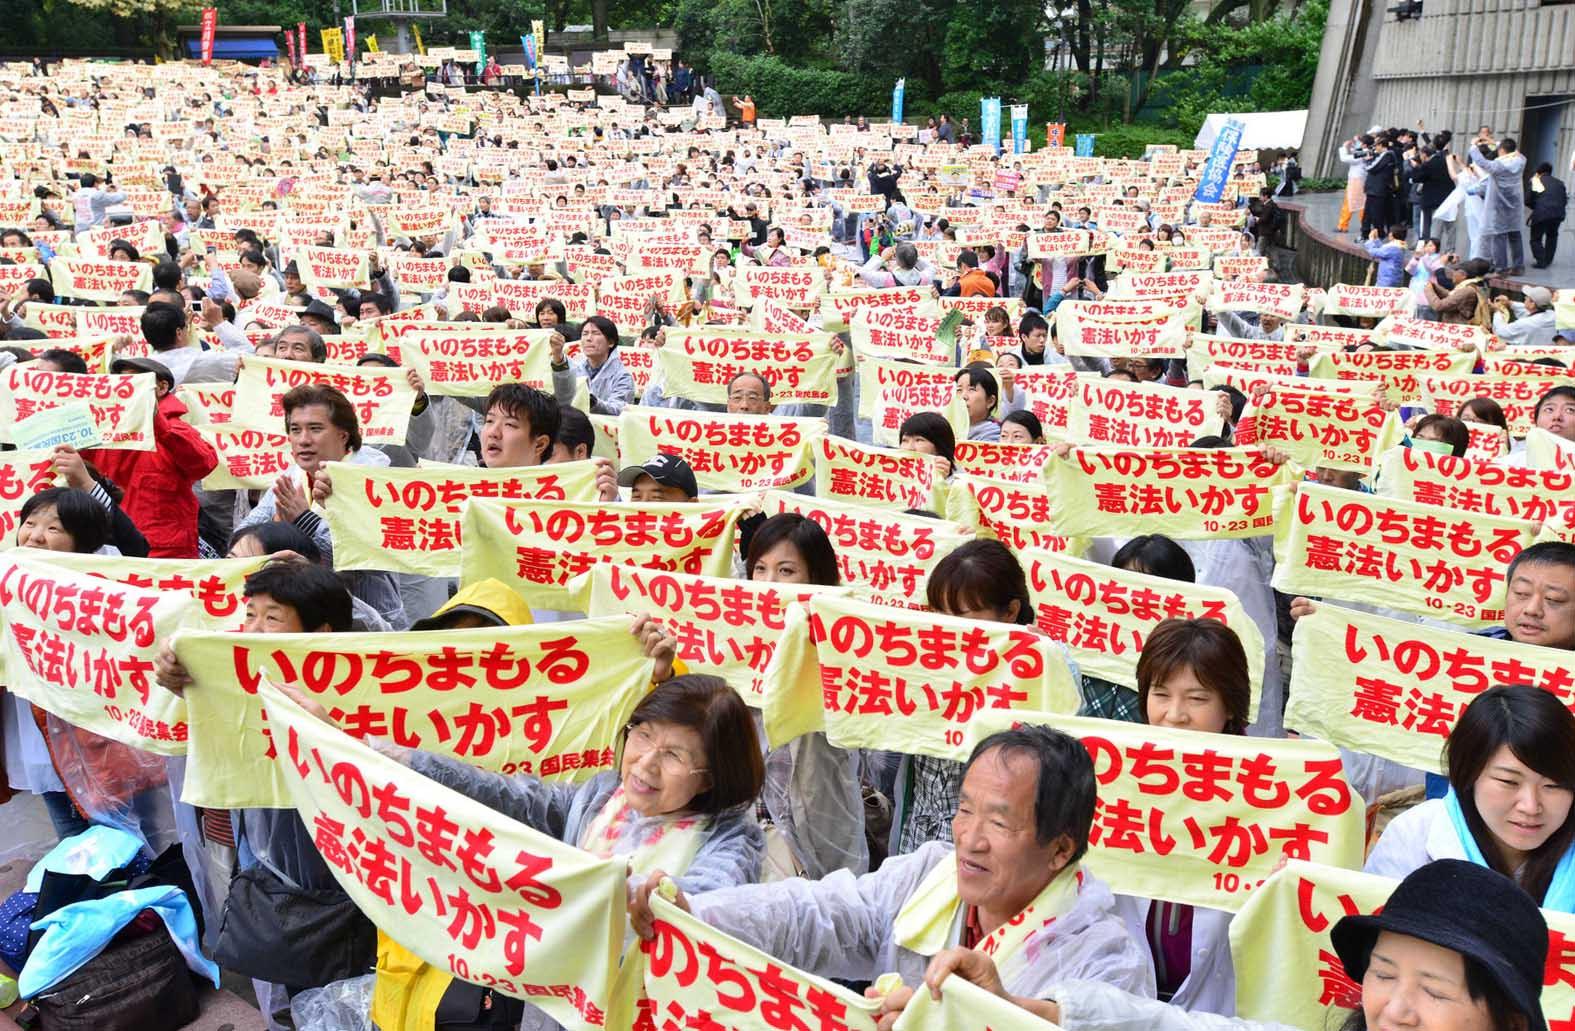 「いのちまもる・憲法いかす」とアピールする参加者=23日、東京・日比谷野外音楽堂